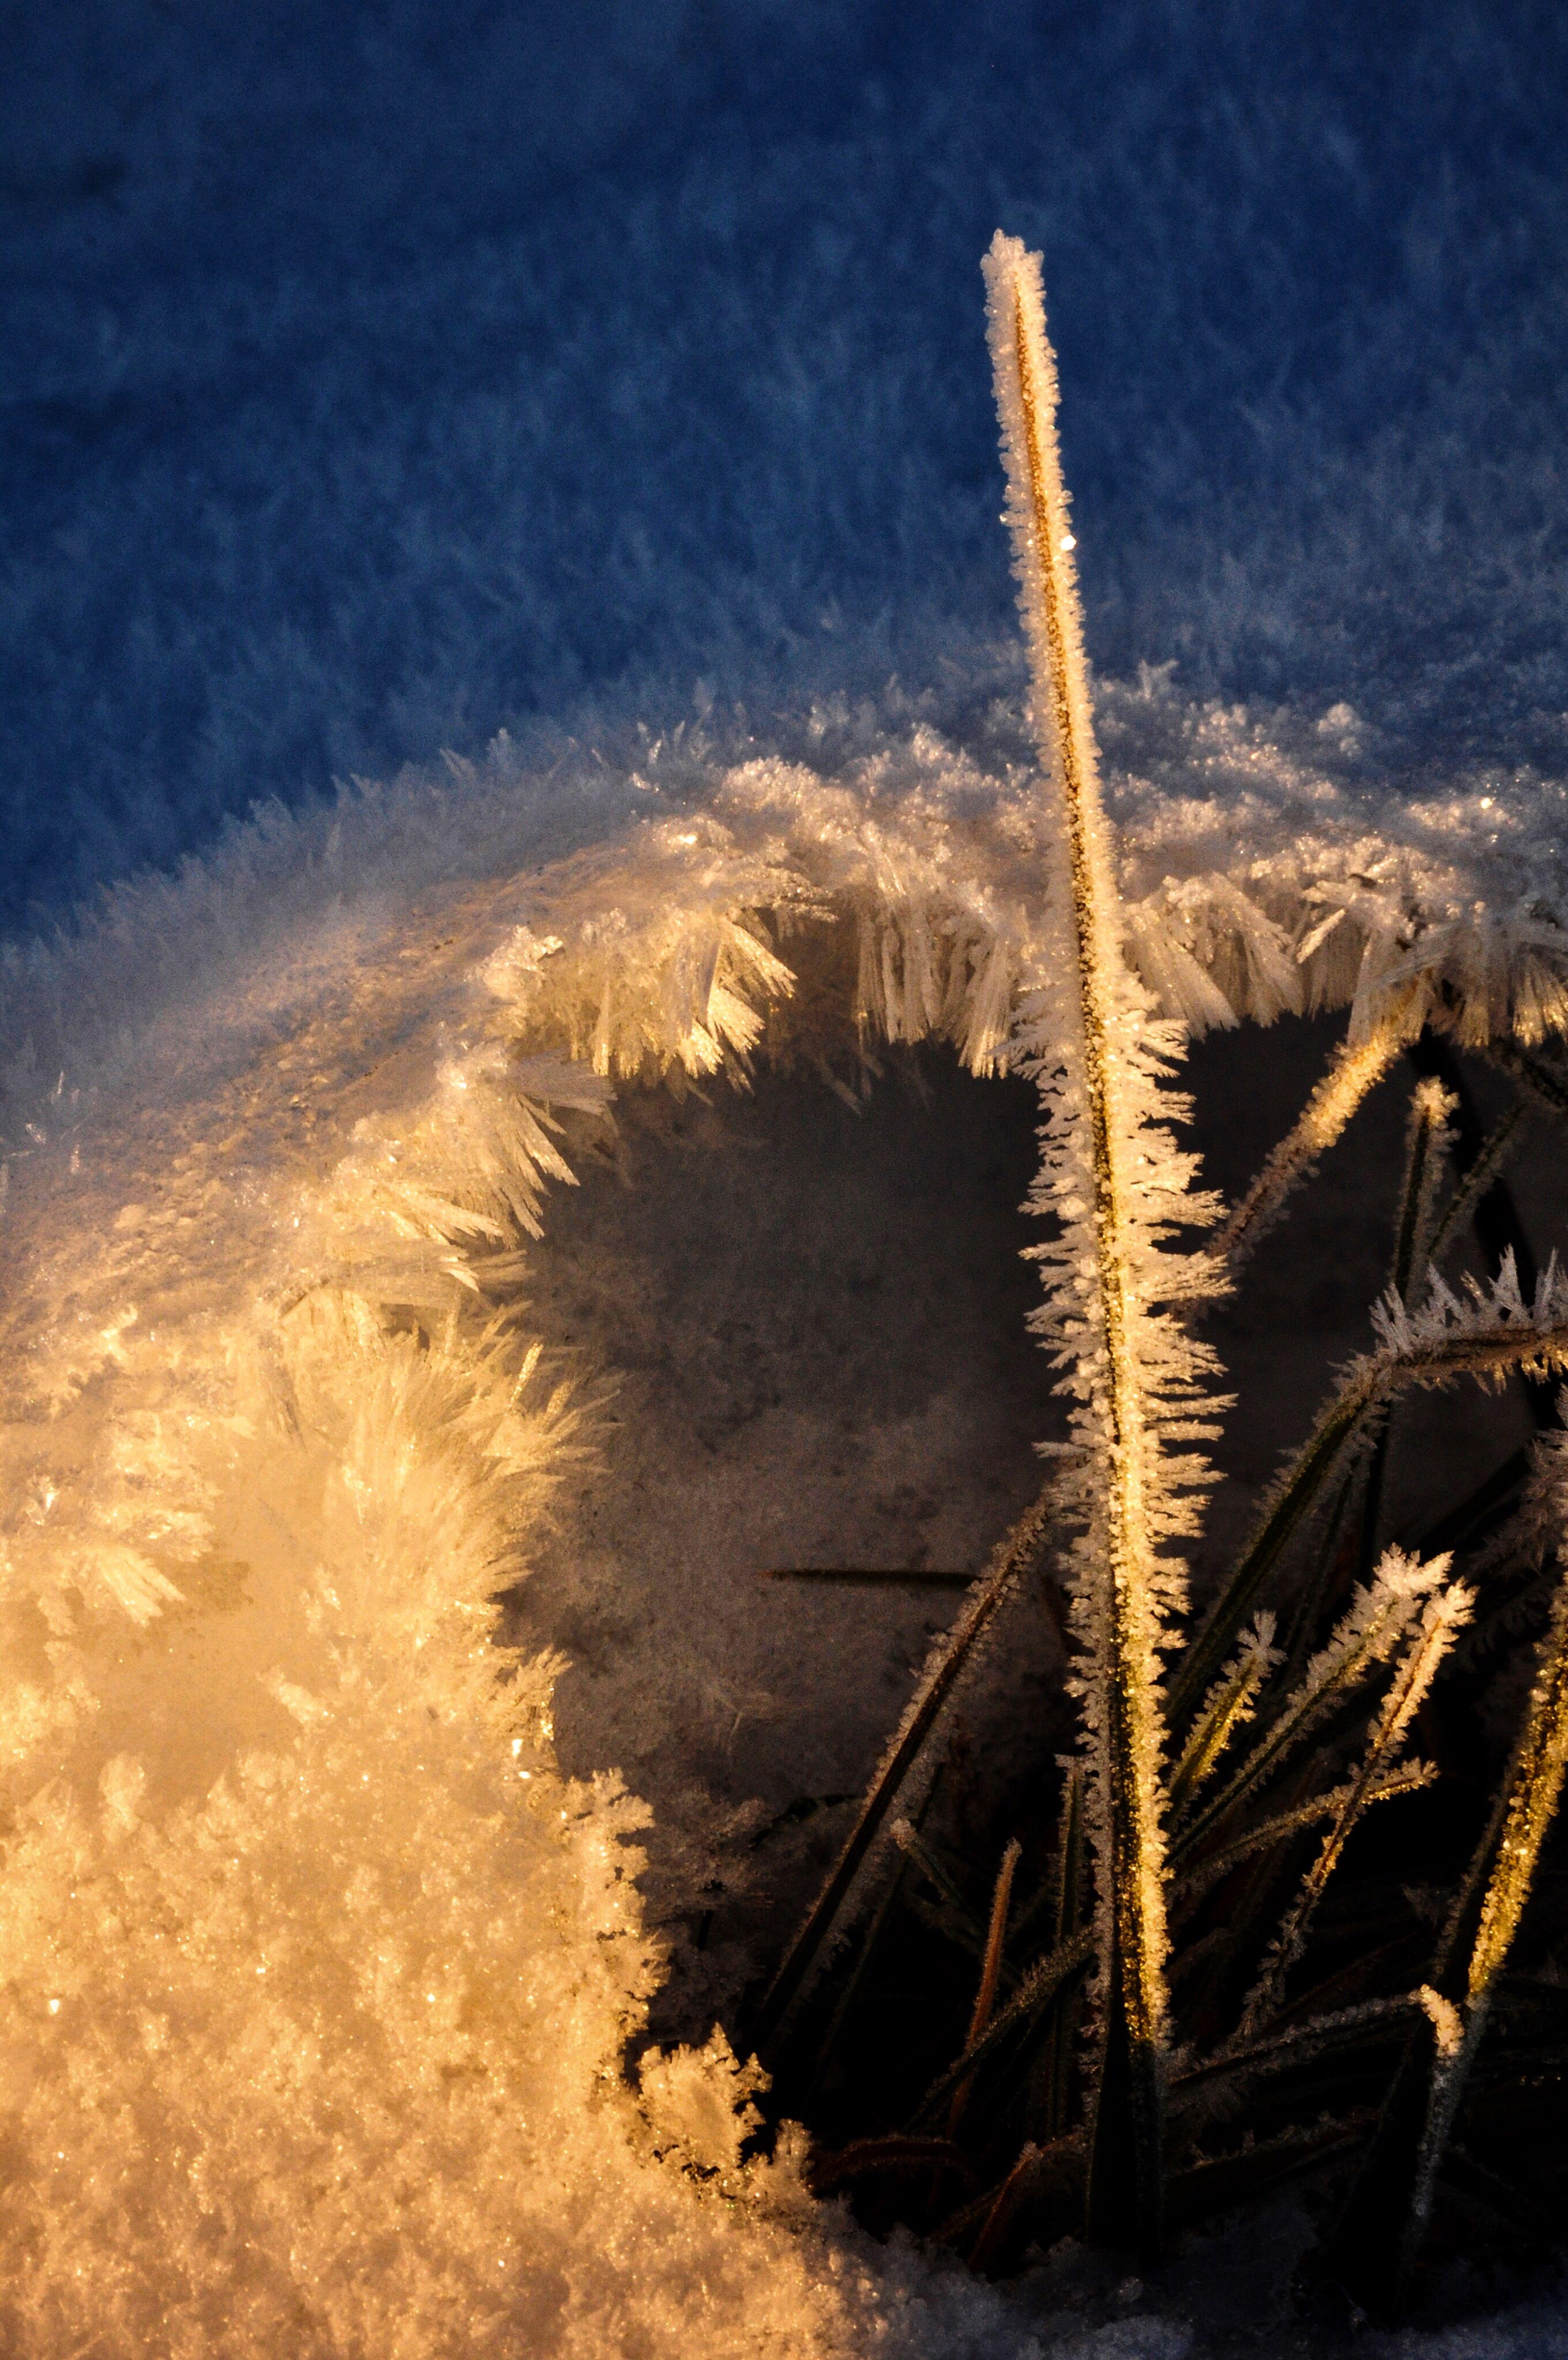 Frosty ... Macro_collection Frozen Frost Snow Winter Wonders Frigid Beauty